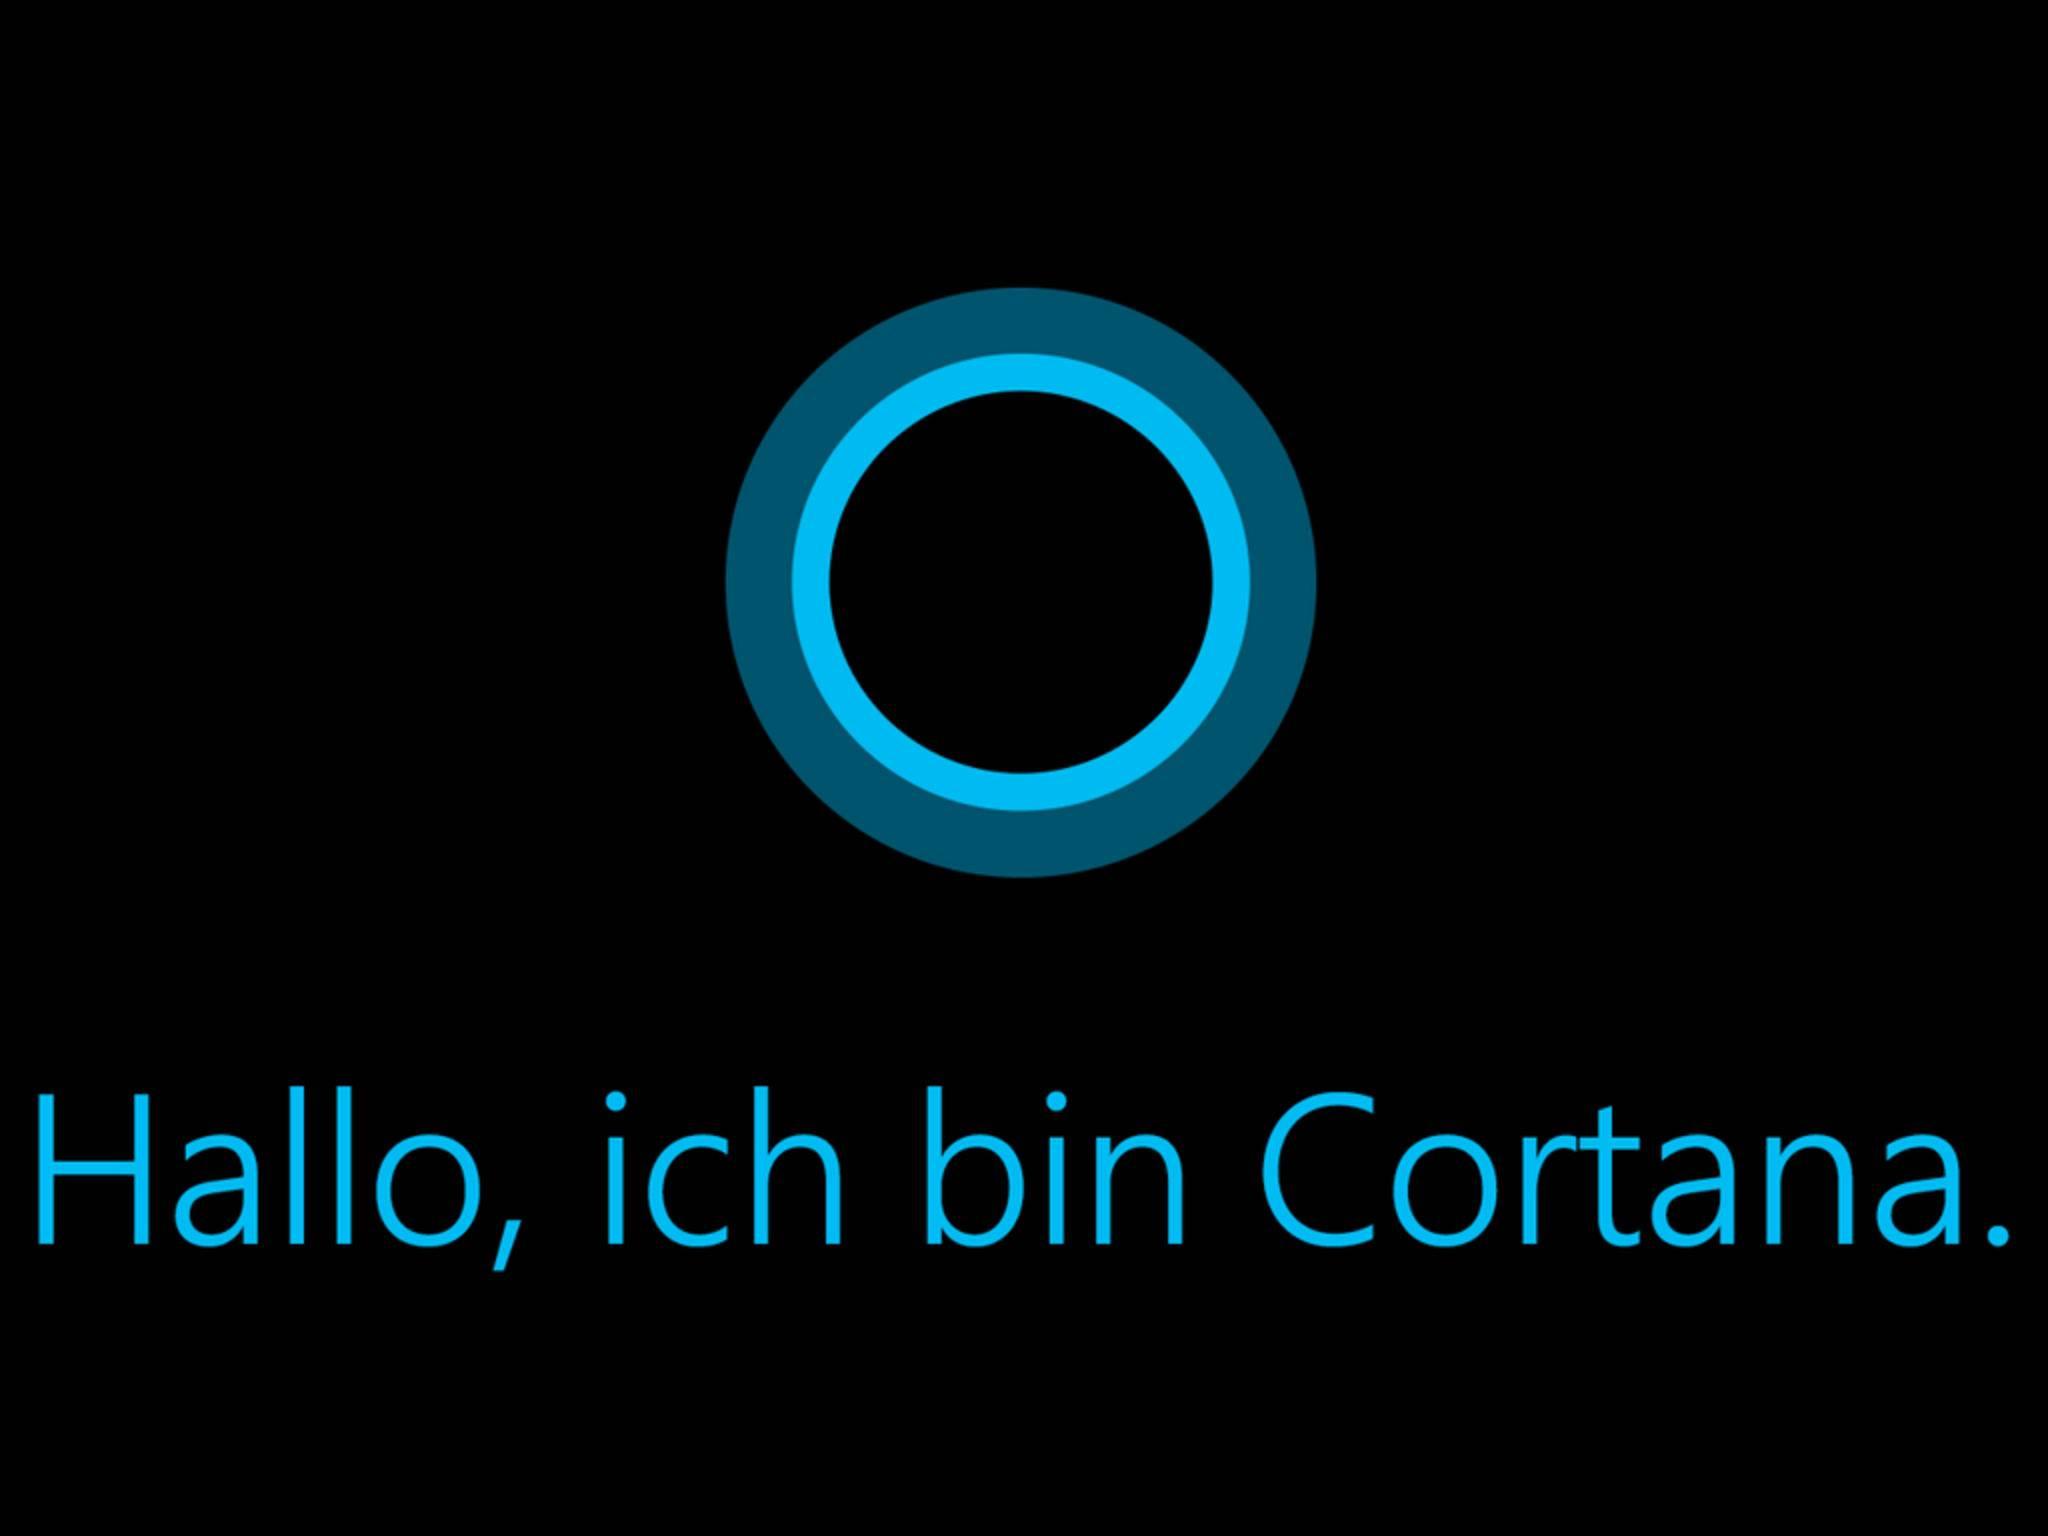 Cortana drängt sich in den Vordergrund.